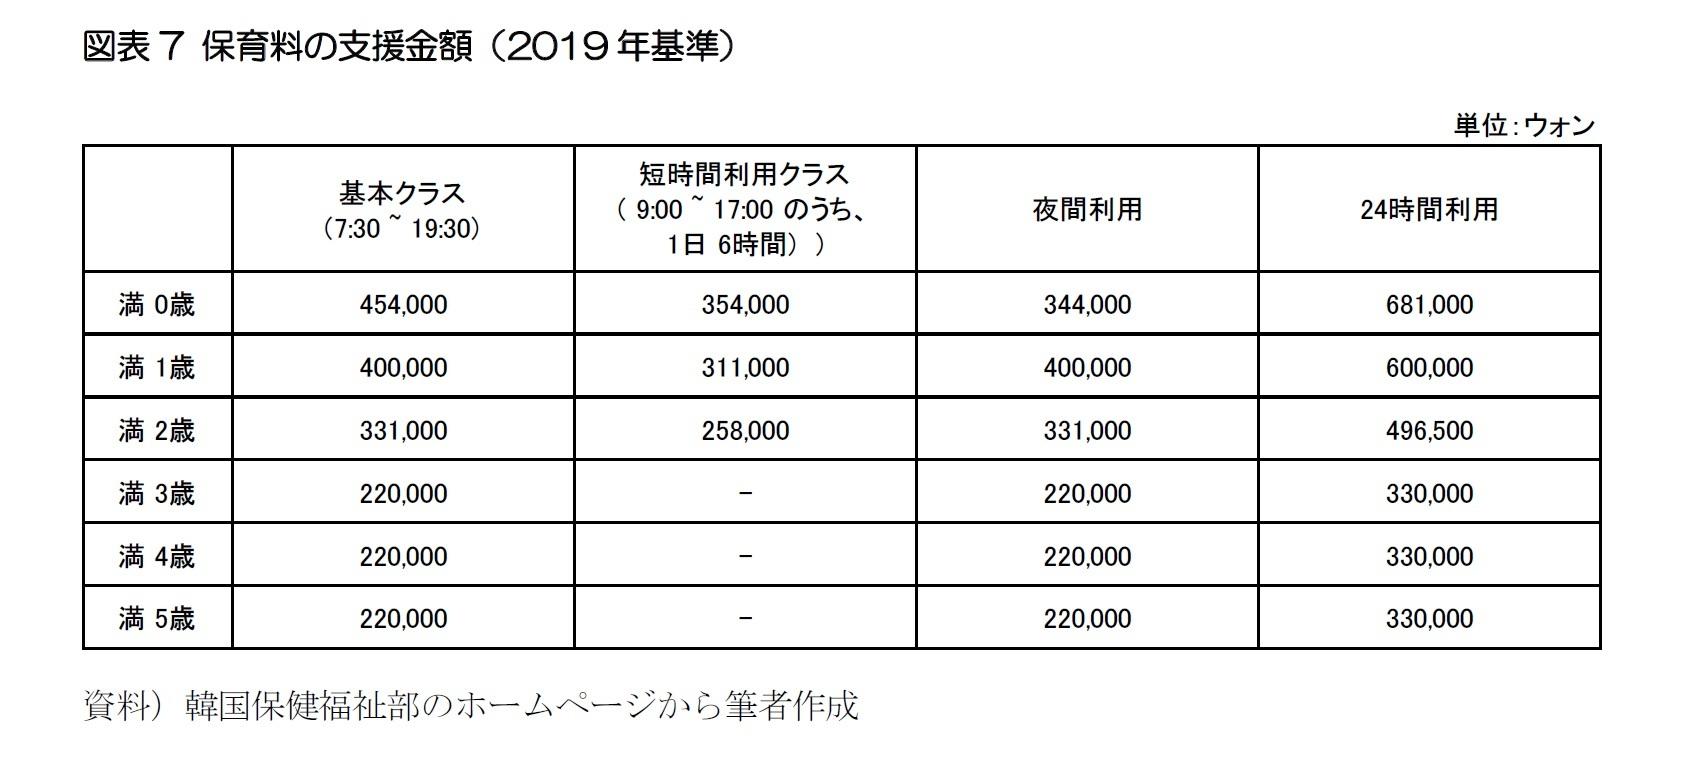 図表7 保育料の支援金額(2019年基準)